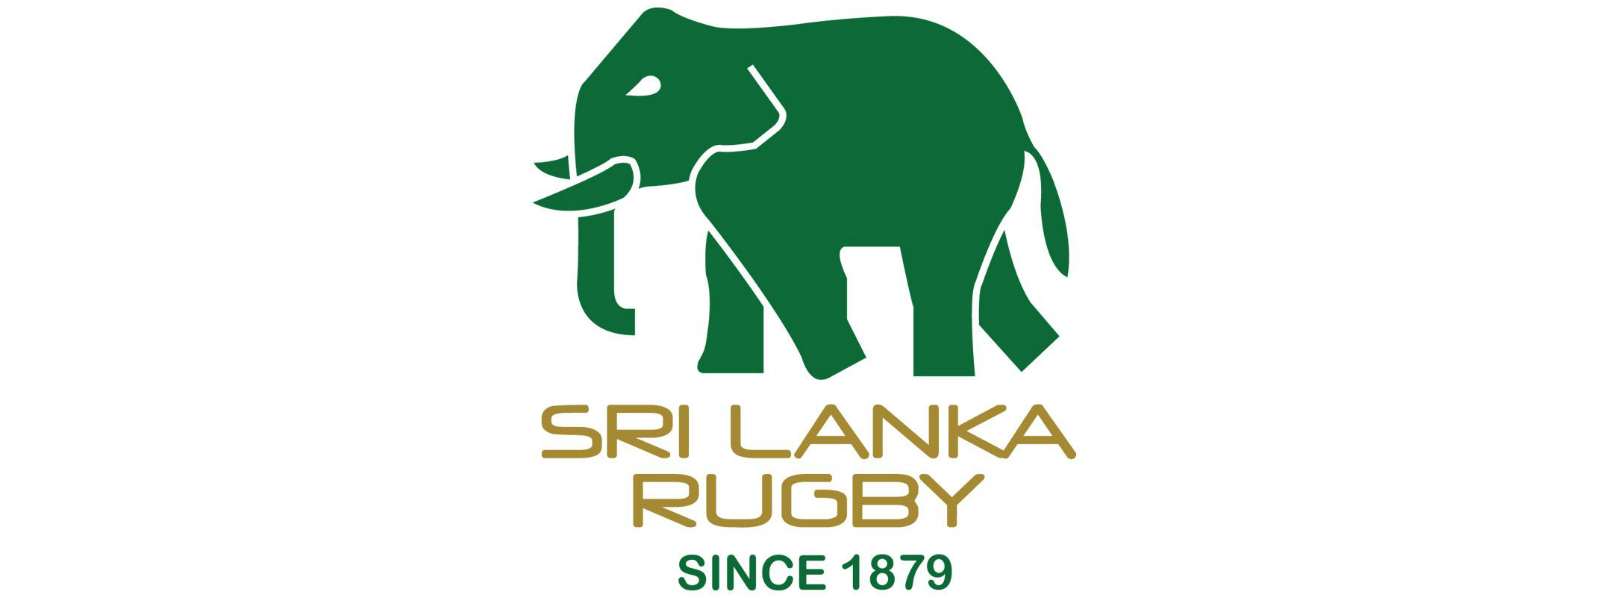 Sri Lanka Rugby rolls out Blue card for Club Rugby Season